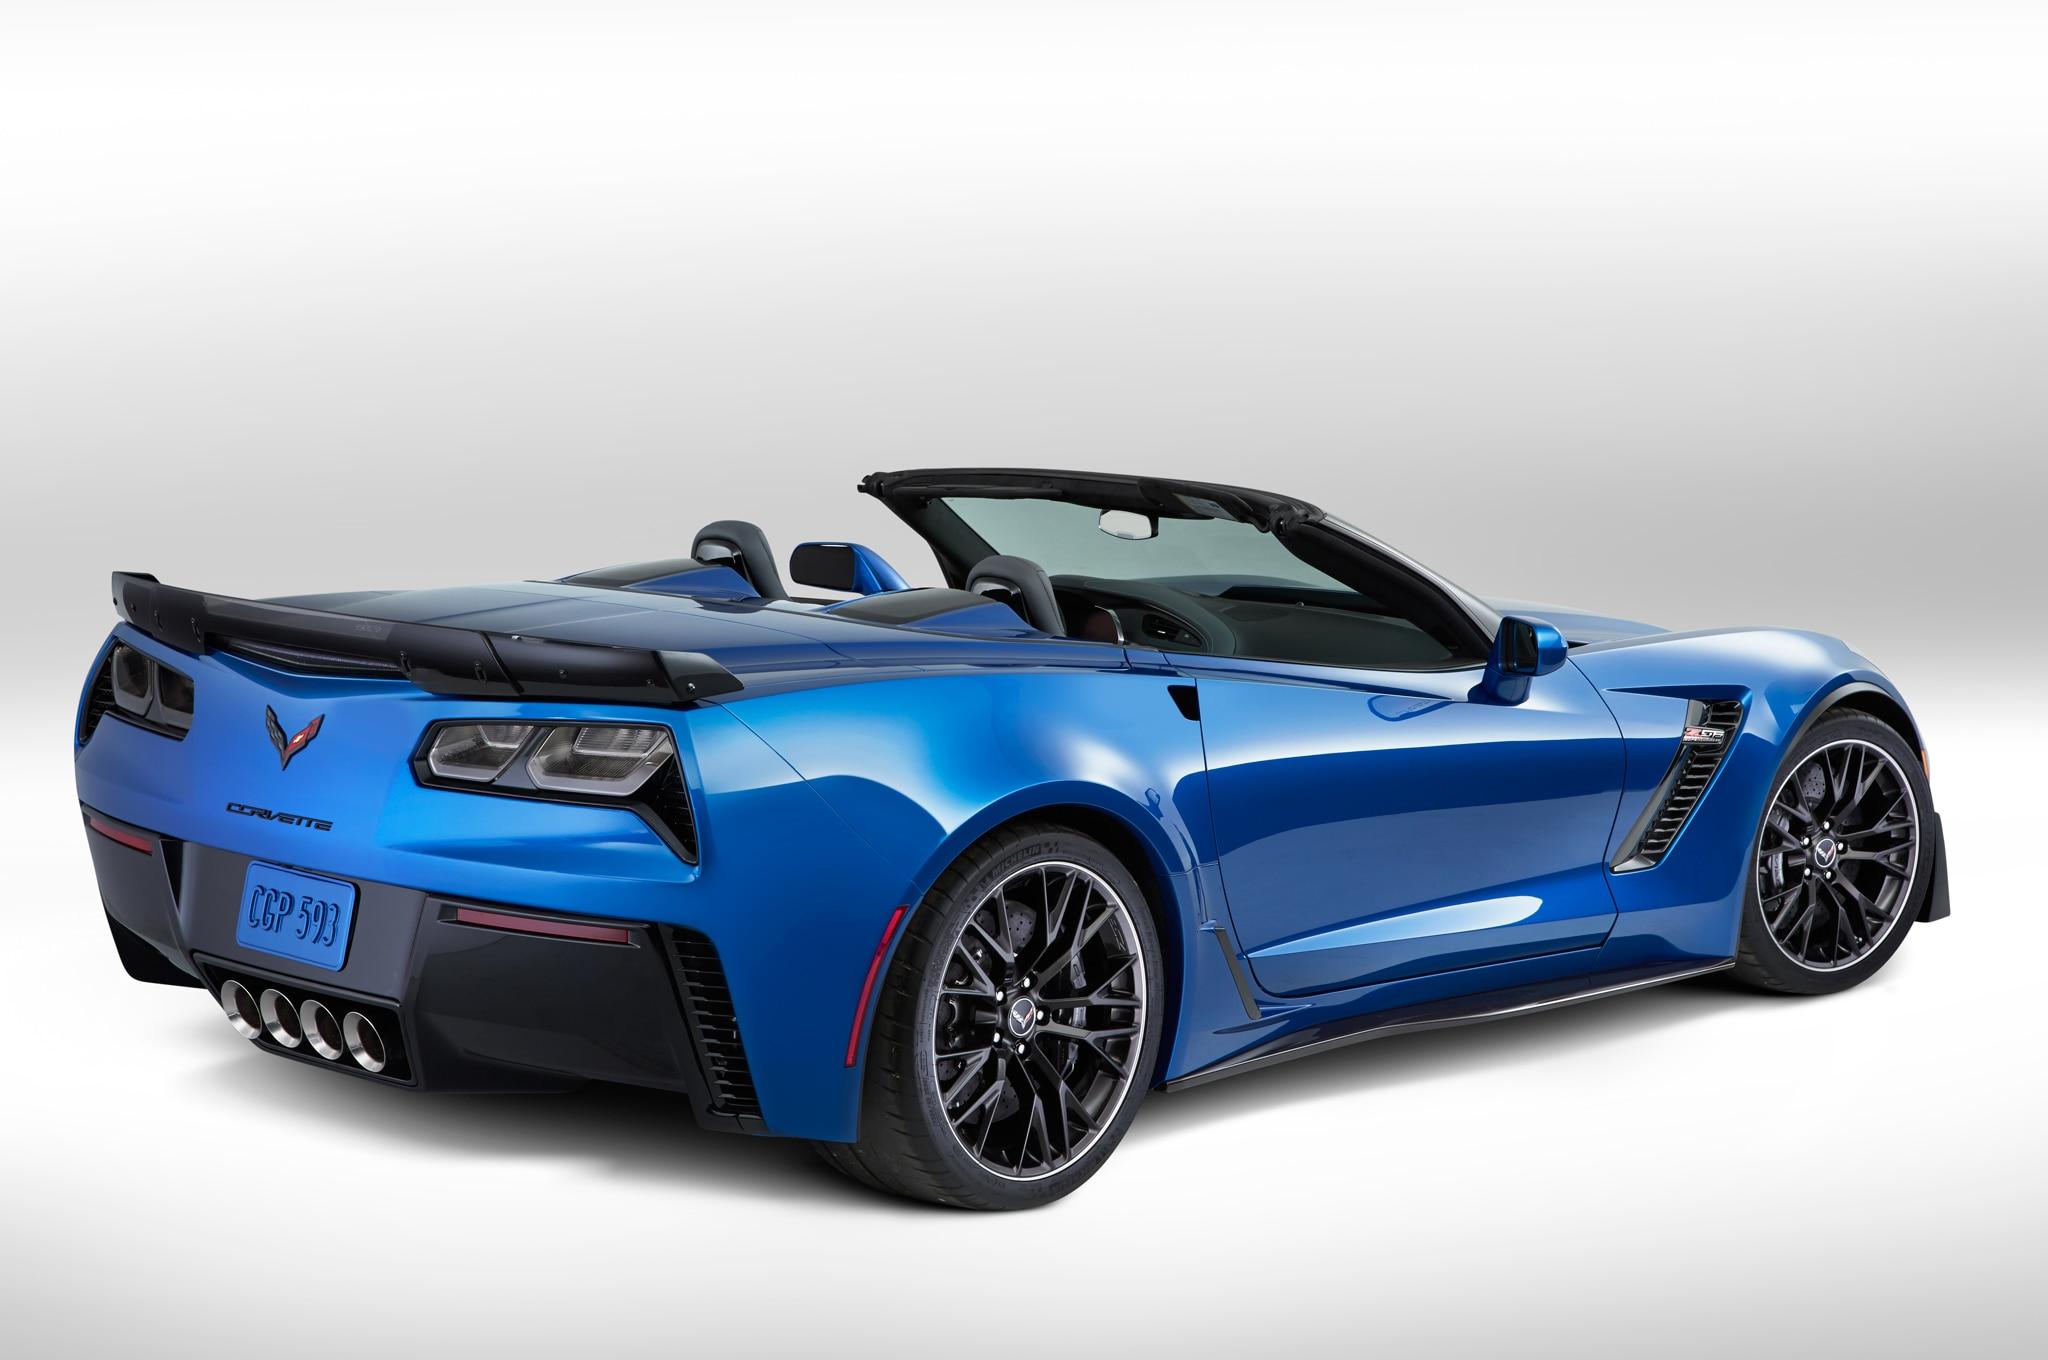 show more - Corvette 2015 Stingray Blue